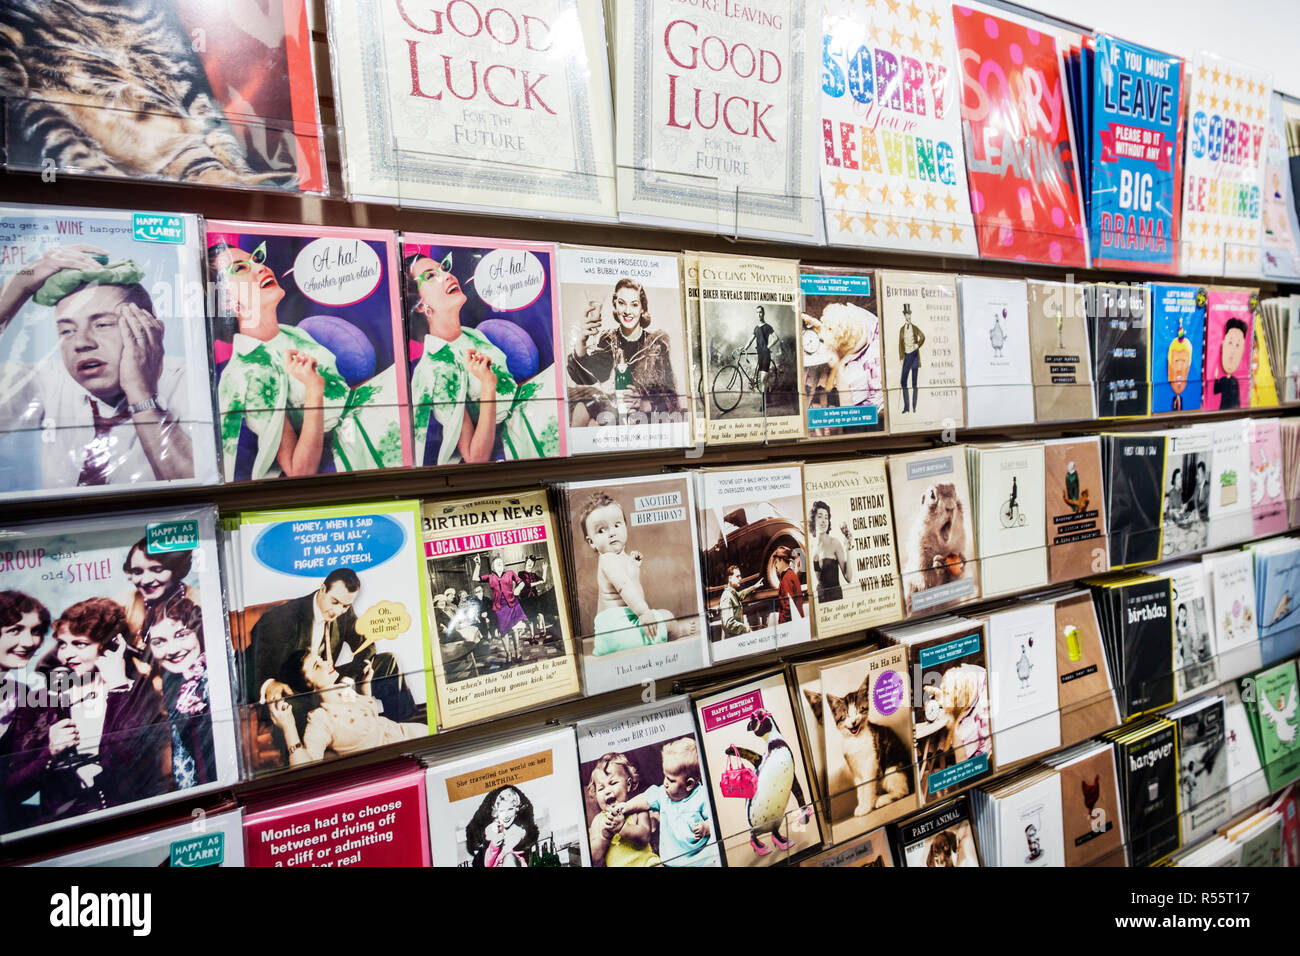 Royaume-uni Grande-Bretagne Angleterre Londres Westminster Galore papeterie Cartes Cartes de vœux shopping humour anniversaire occasion spéciale afficher Photo Stock